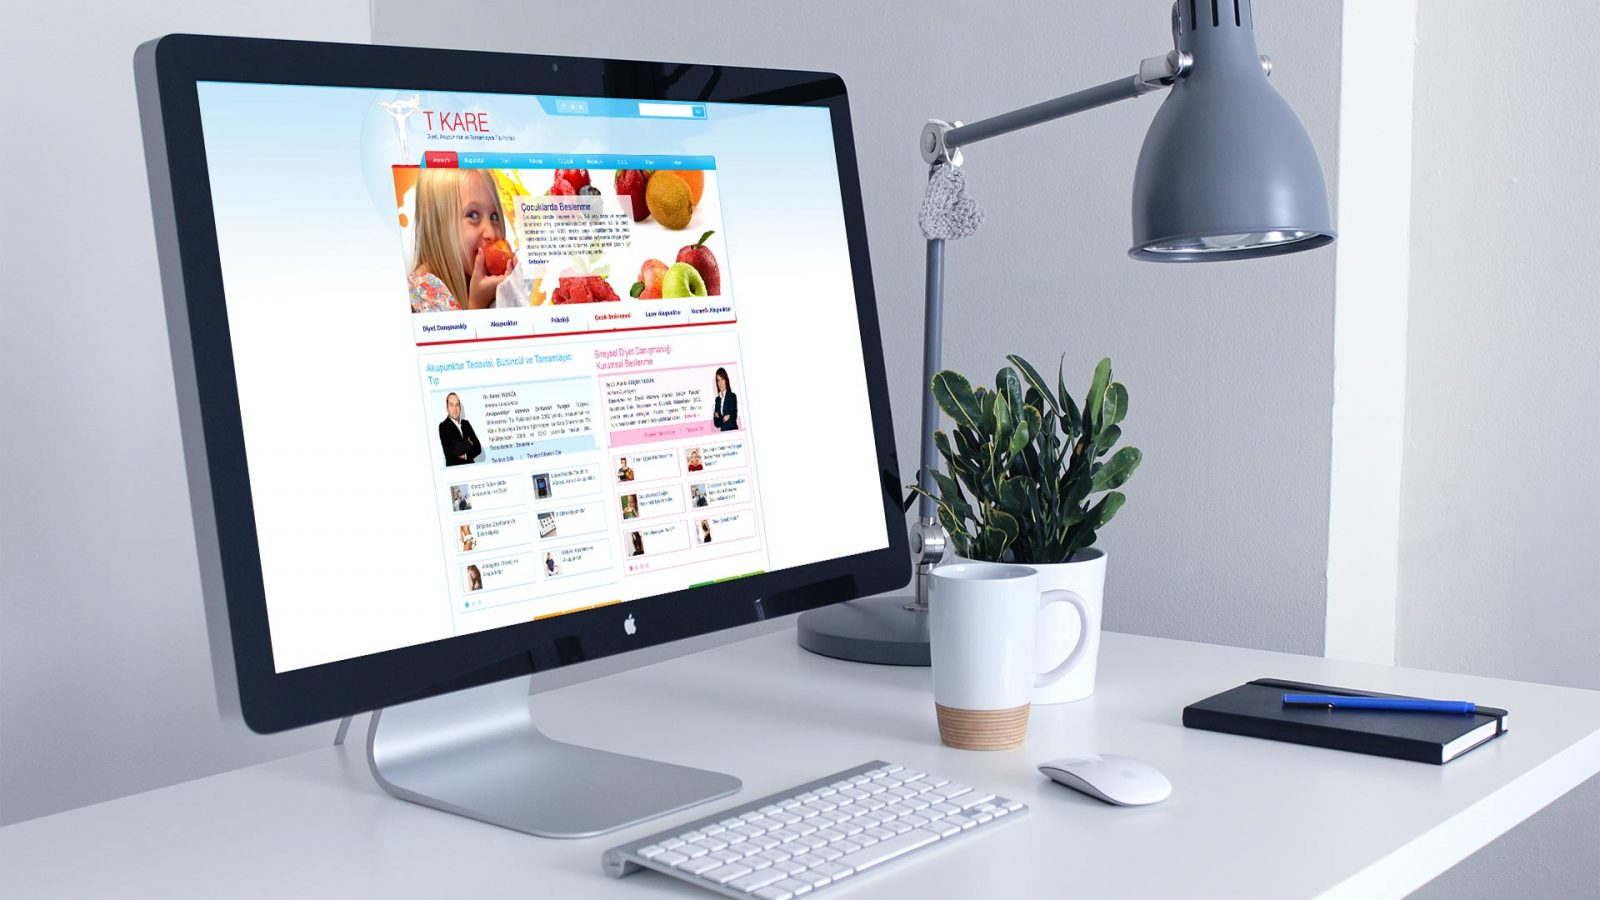 tkare diyet web sitesi tasarımı 03